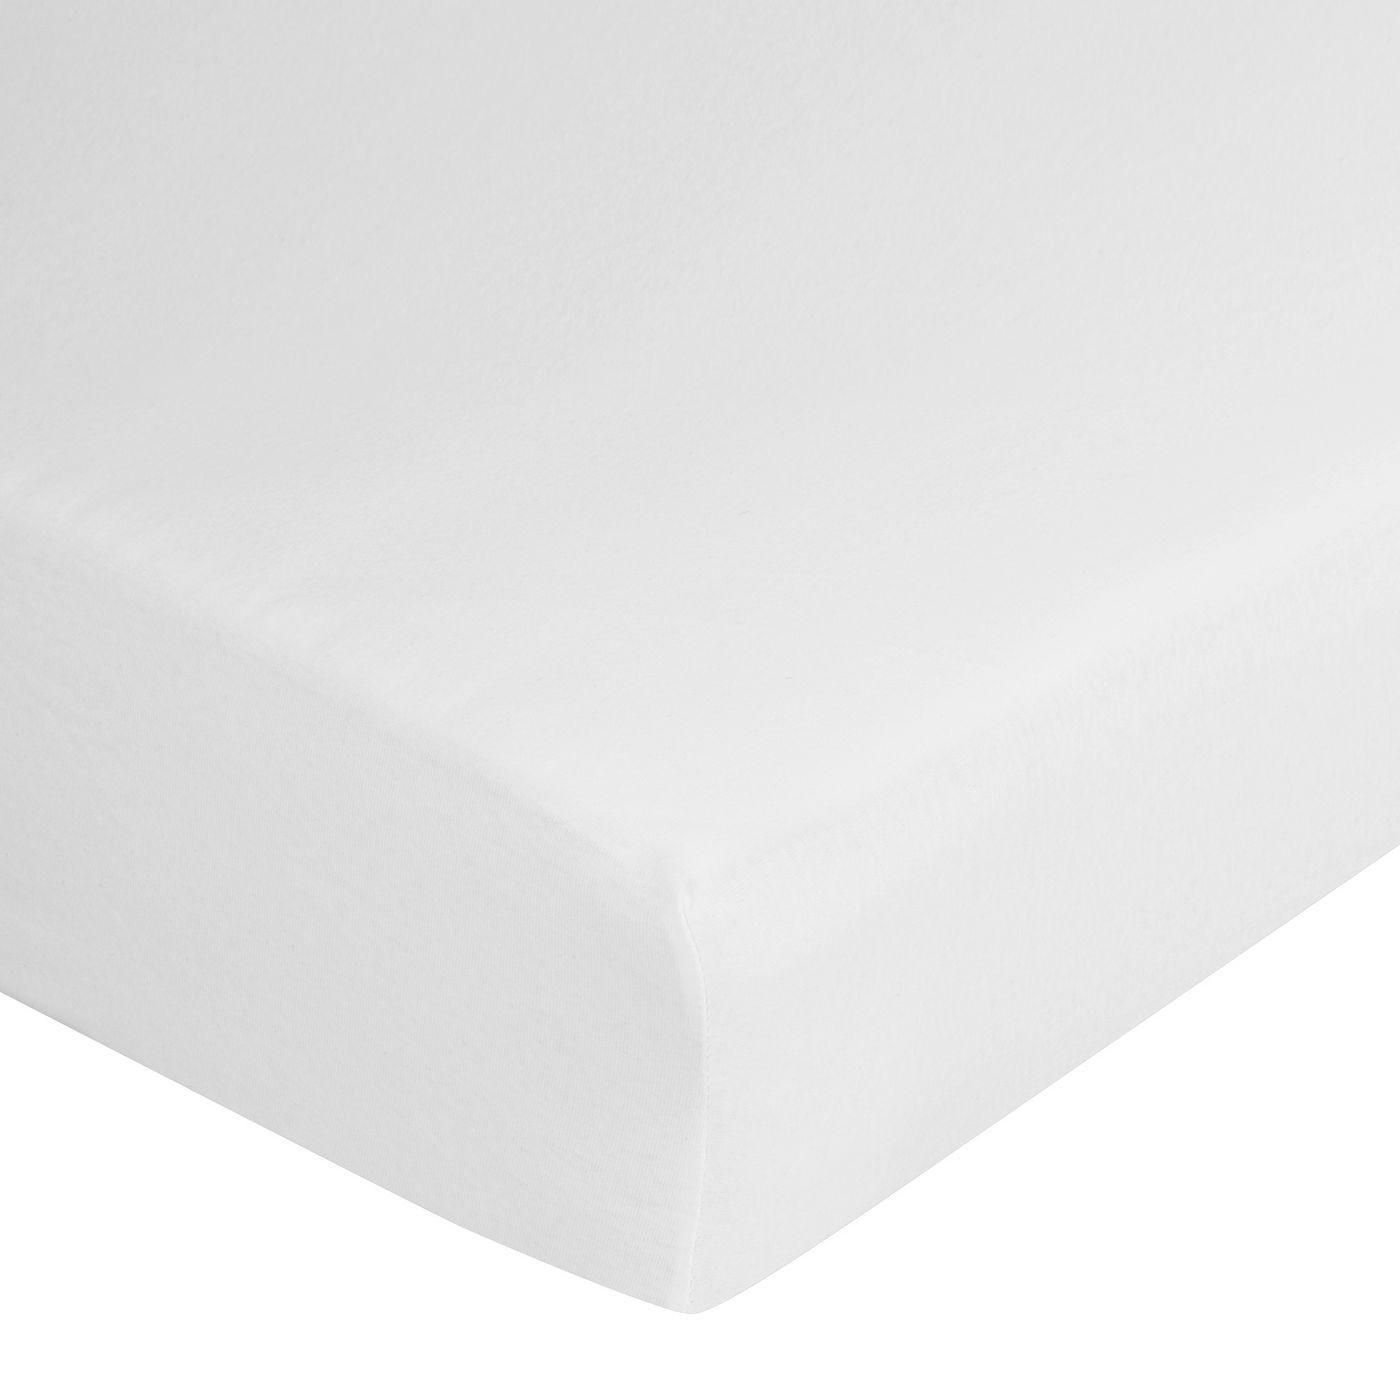 Prześcieradło bawełniane gładkie 180x200+25cm 140 kolor biały